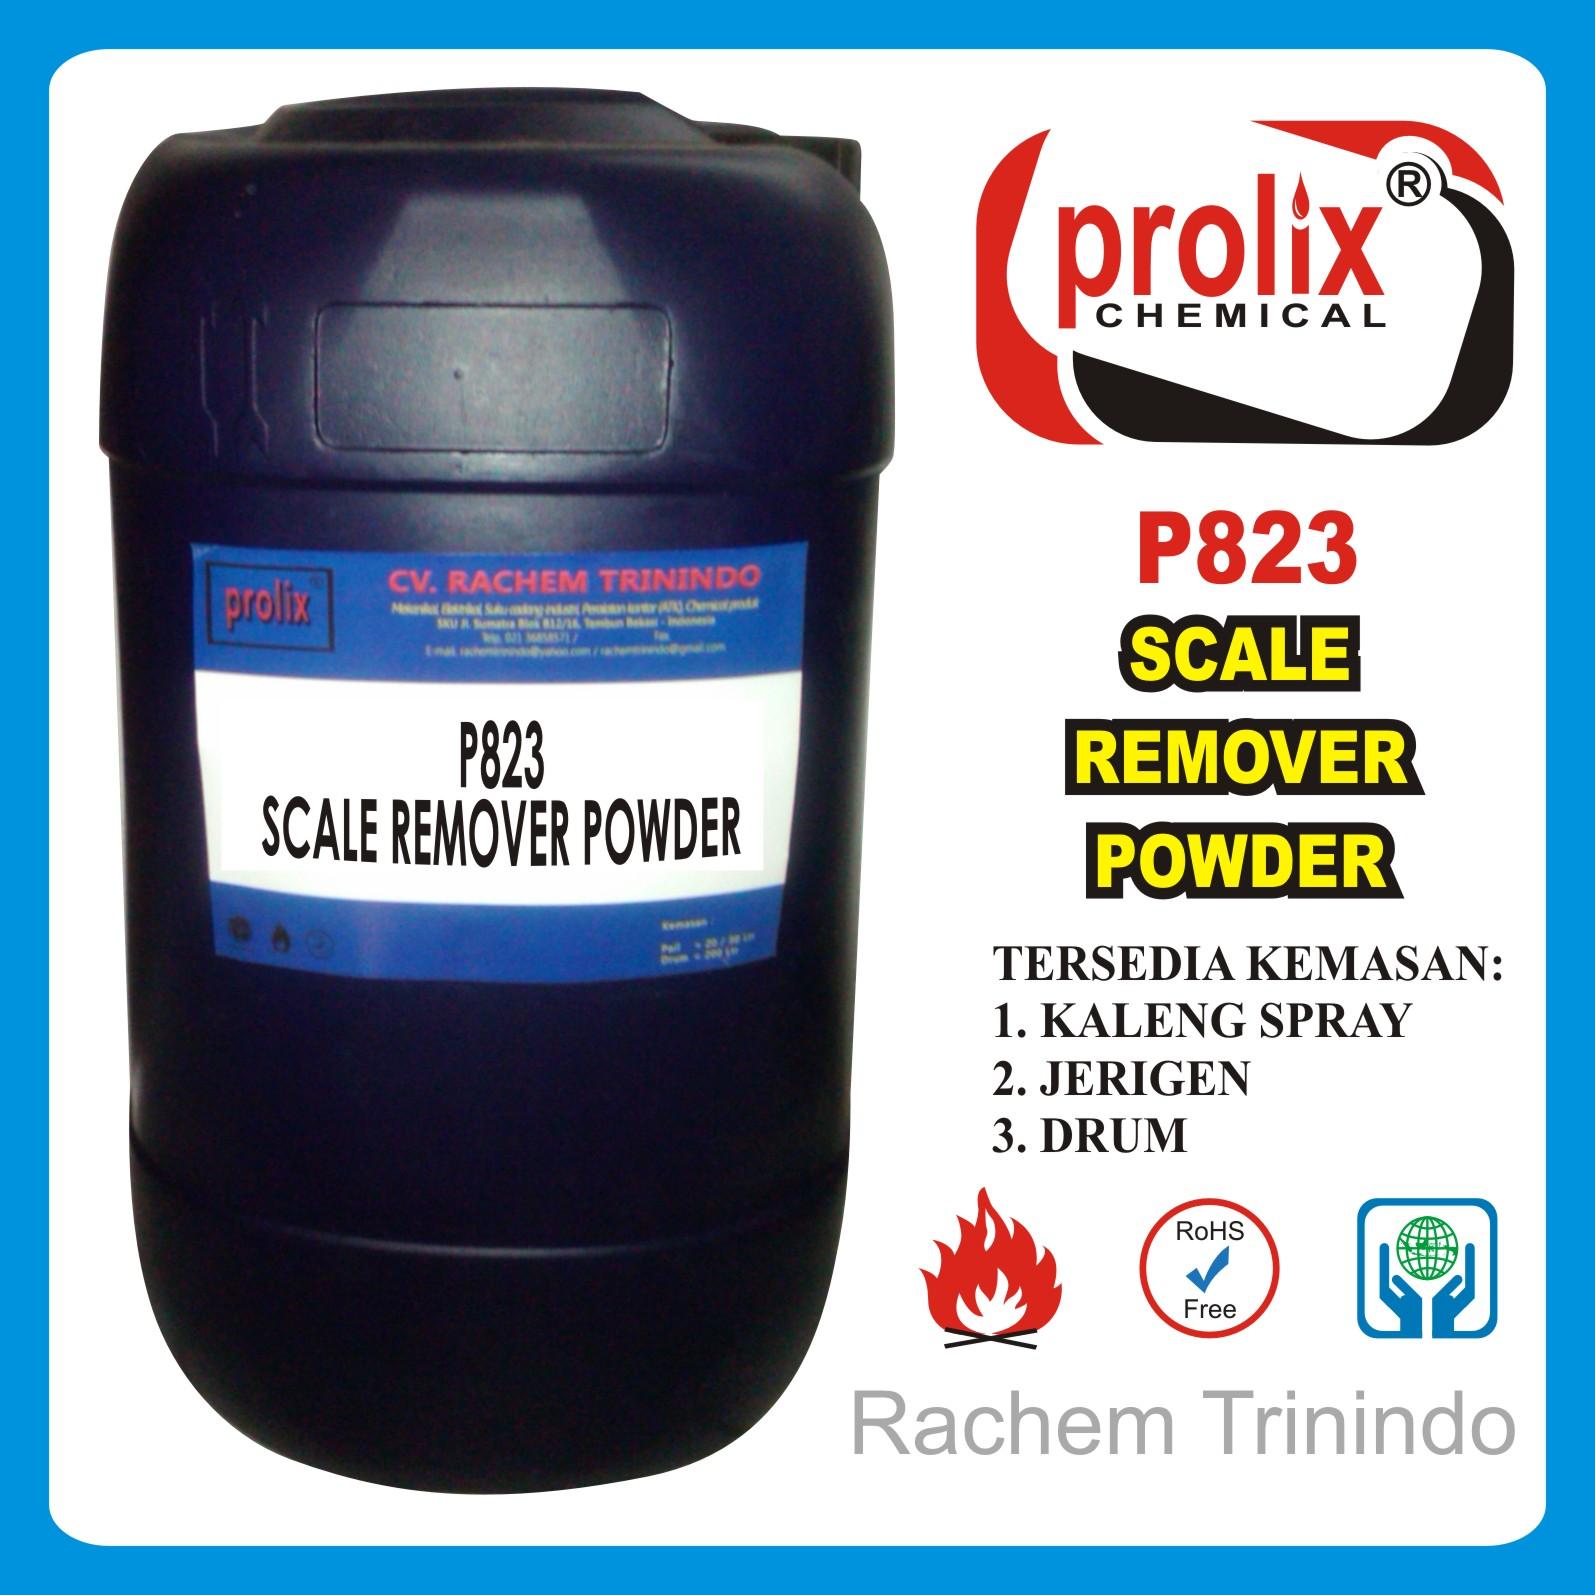 Jual Scale Remover Boiler Cooling Tower Lantai Industri Pipa Saluran Air Cooler